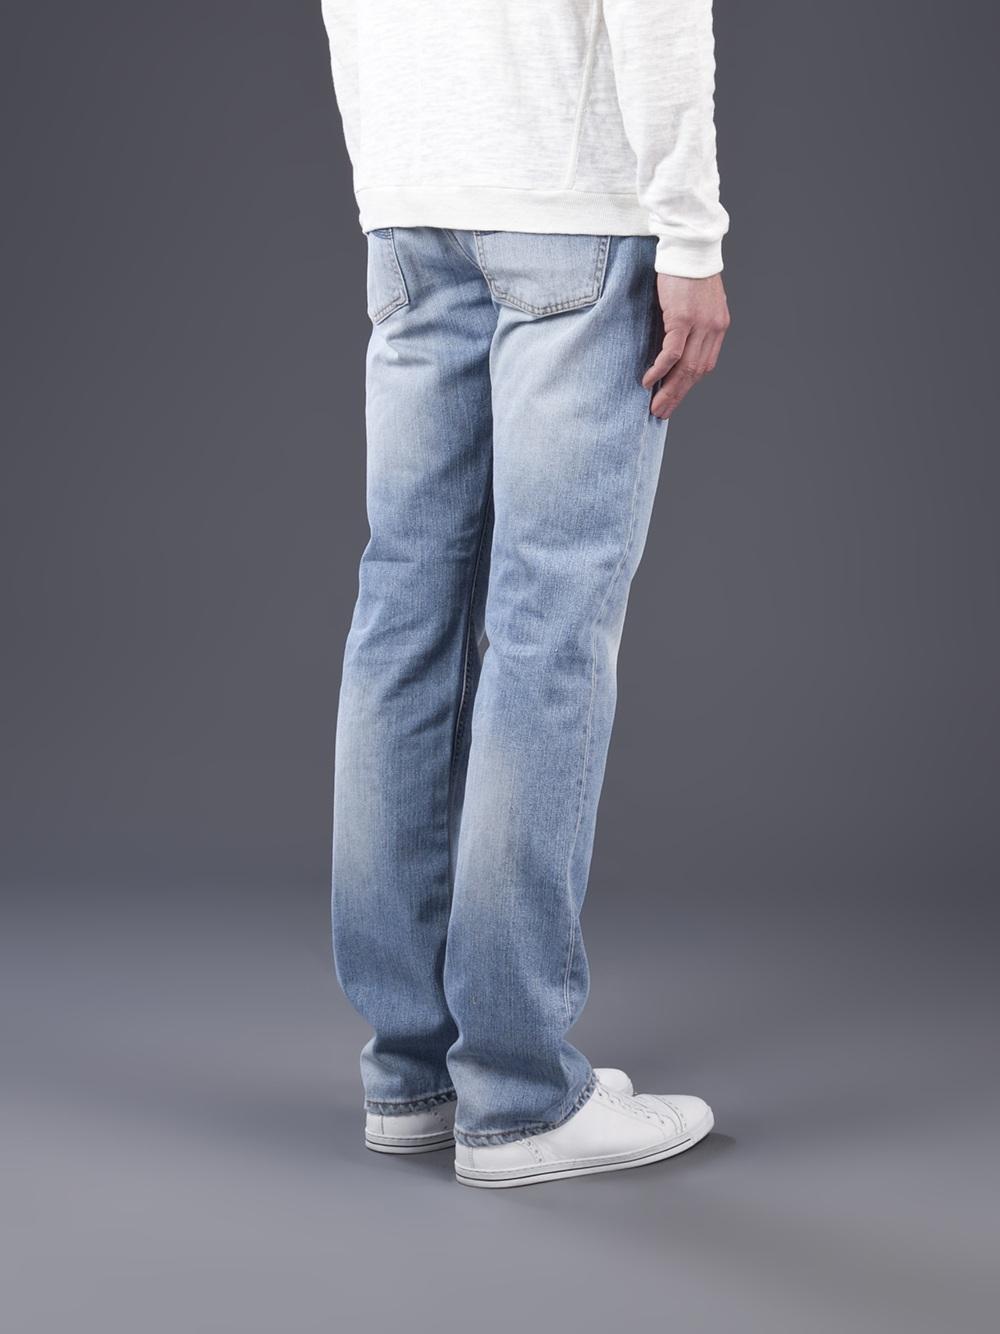 Nudie Jeans Average Joe Jean in Navy (Blue) for Men